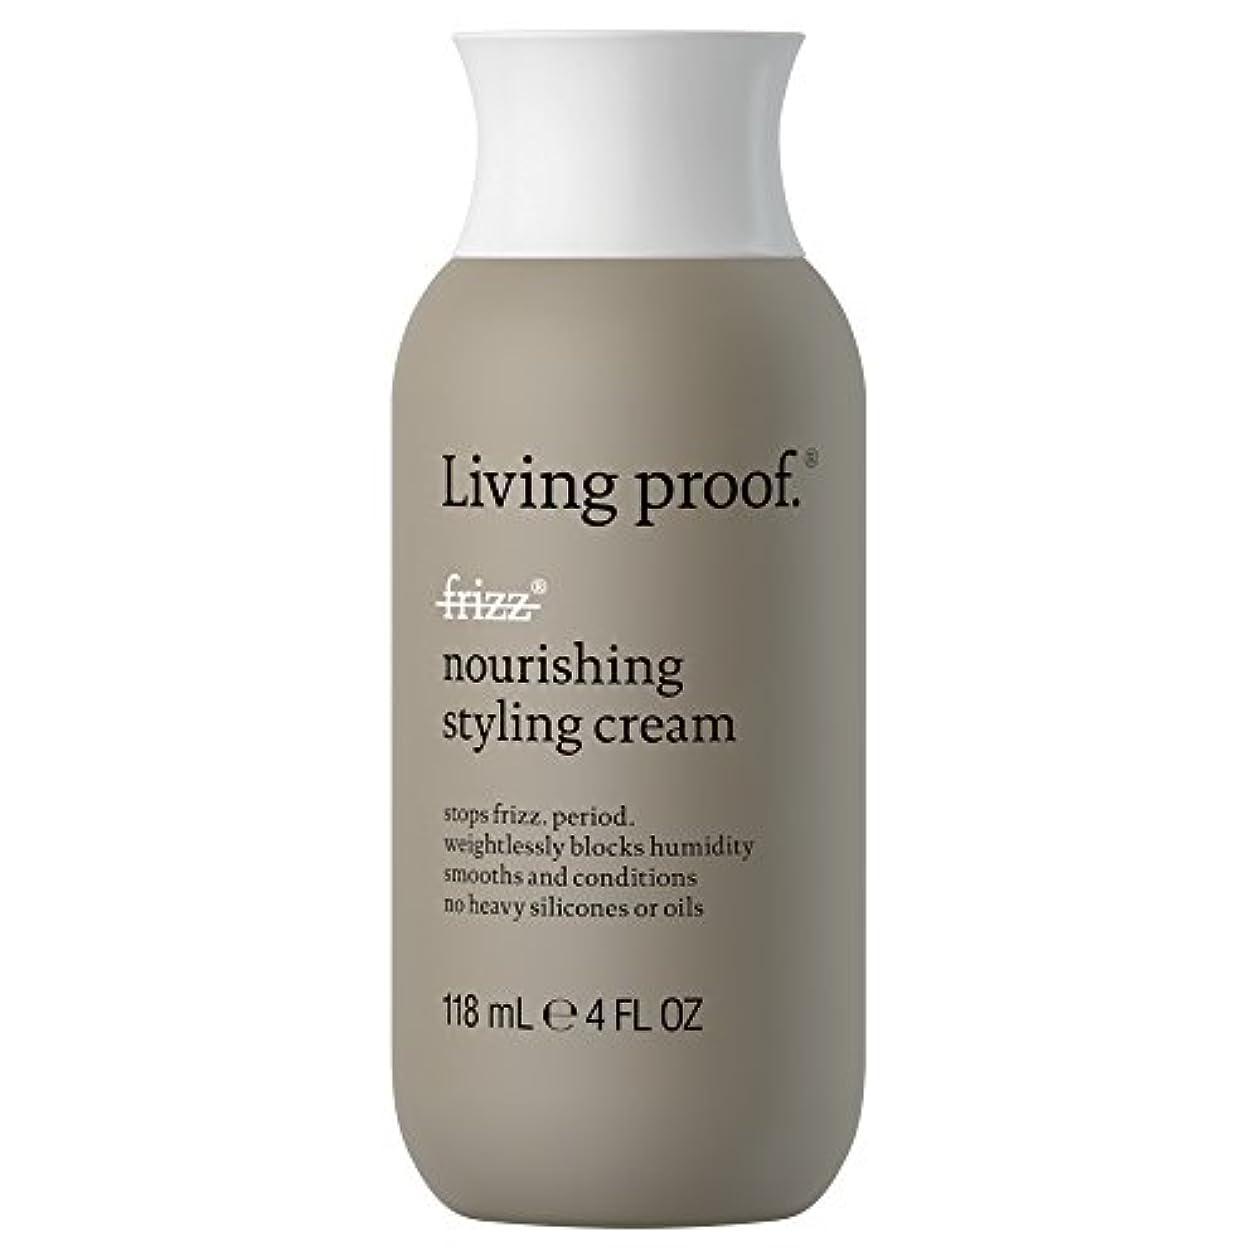 世界に死んだエンディング浸食生きている証拠なし縮れ栄養スタイリングクリーム118ミリリットル (Living Proof) - Living Proof No Frizz Nourishing Styling Cream 118ml [並行輸入品]